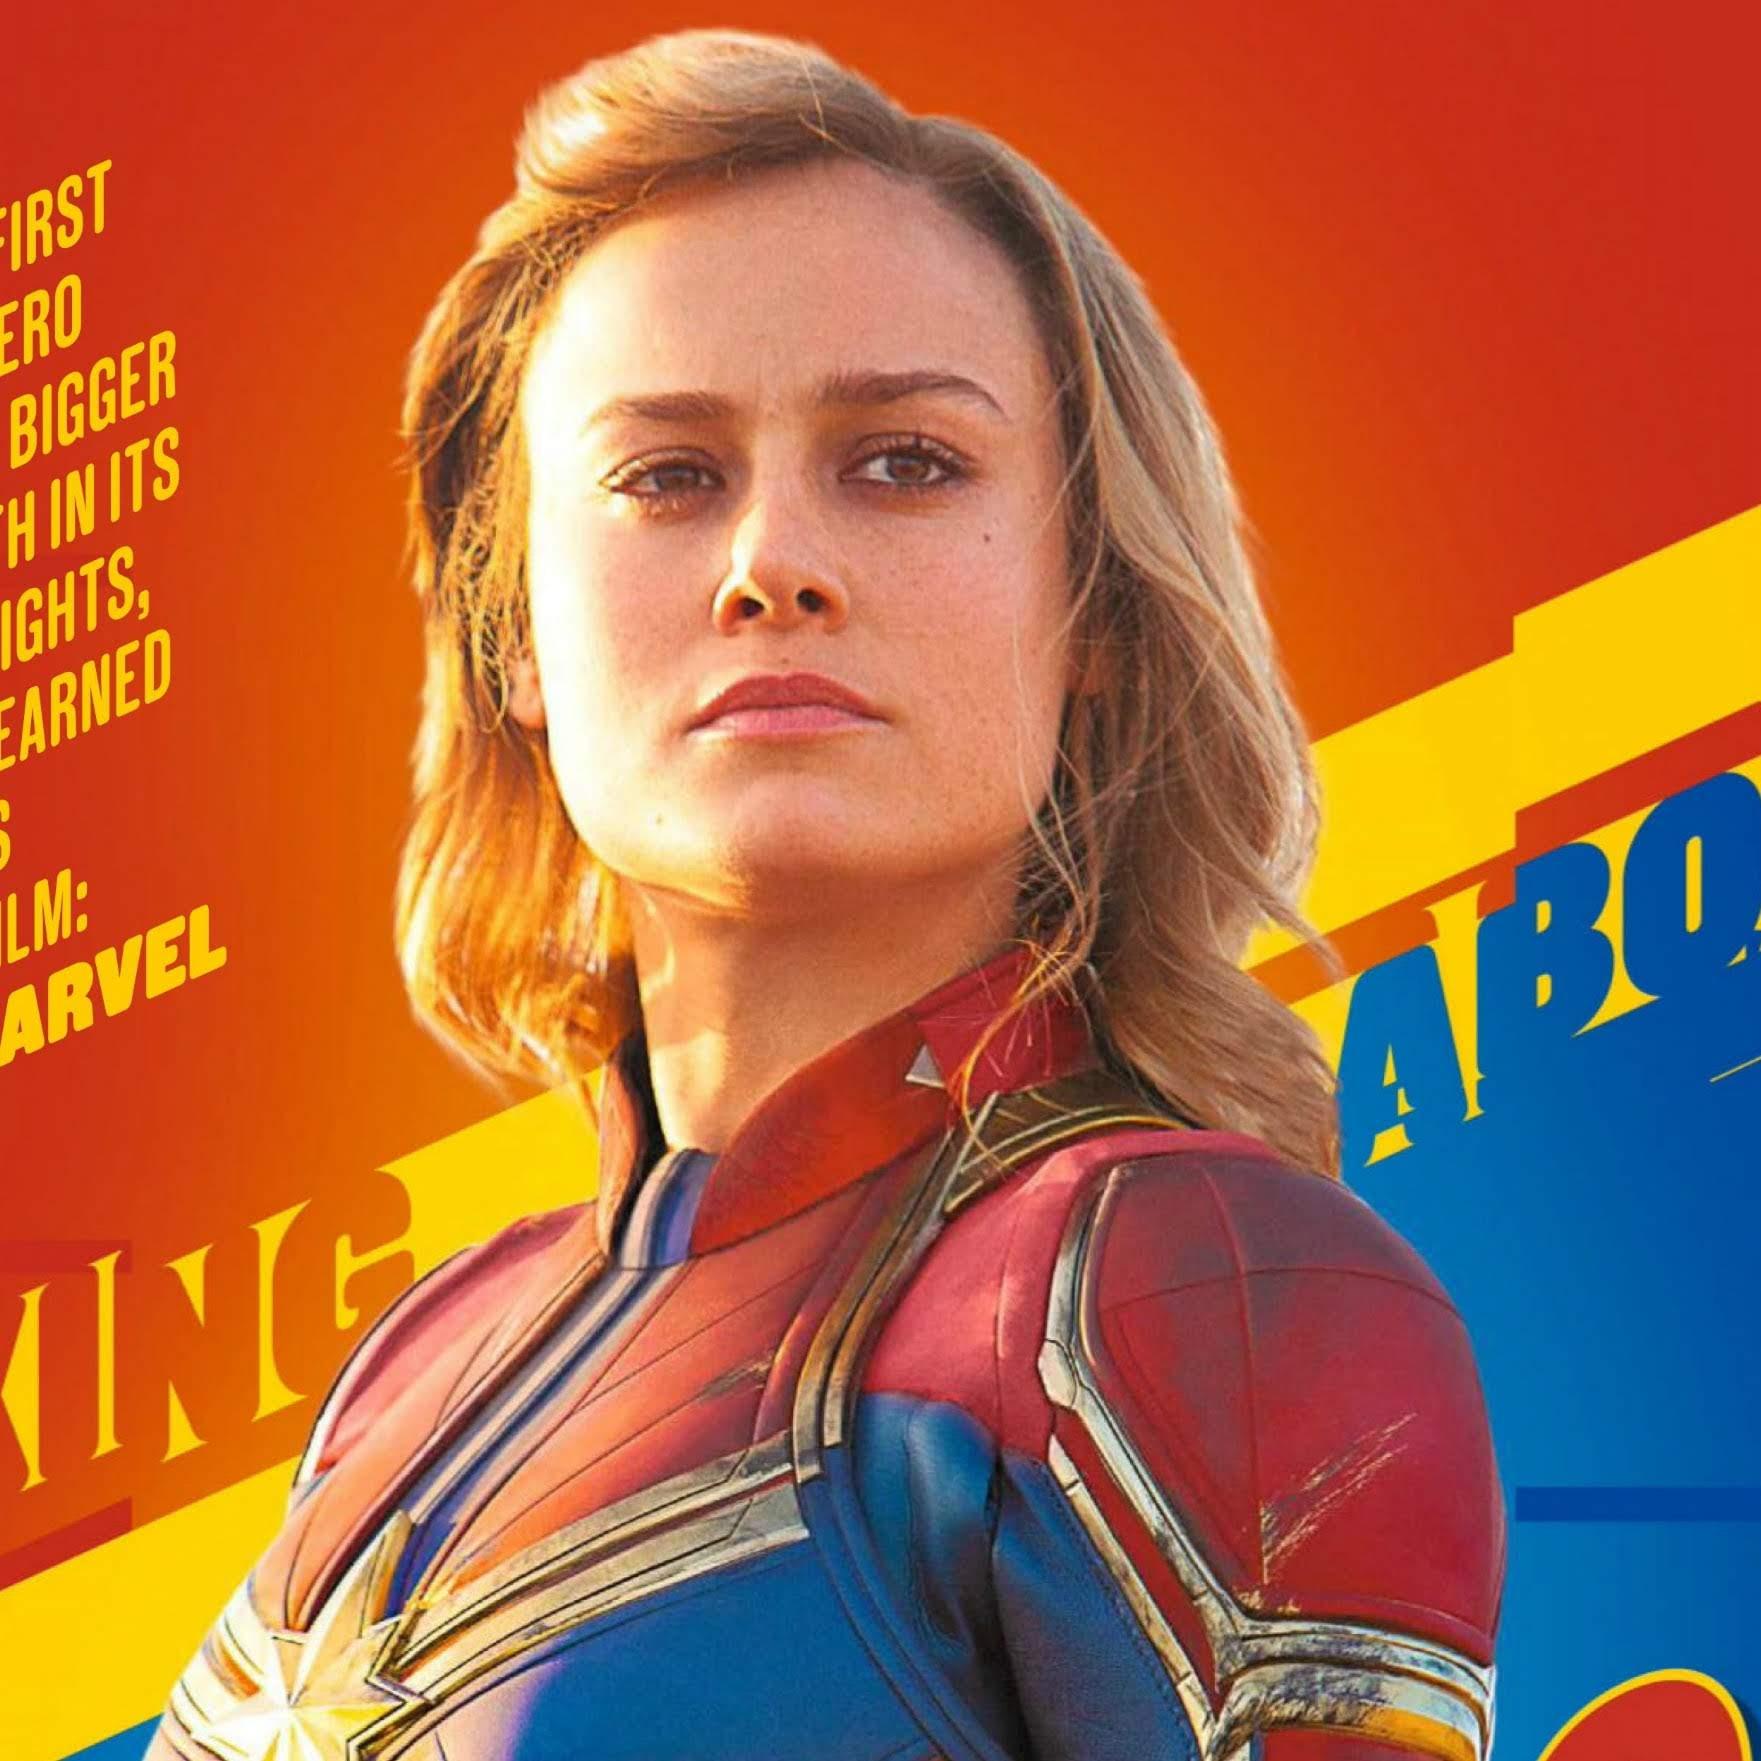 Captain Marvel on Empire Magazine : イギリスの映画マガジン、エンパイア誌上の「キャプテン・マーベル」の新しい写真 ! !